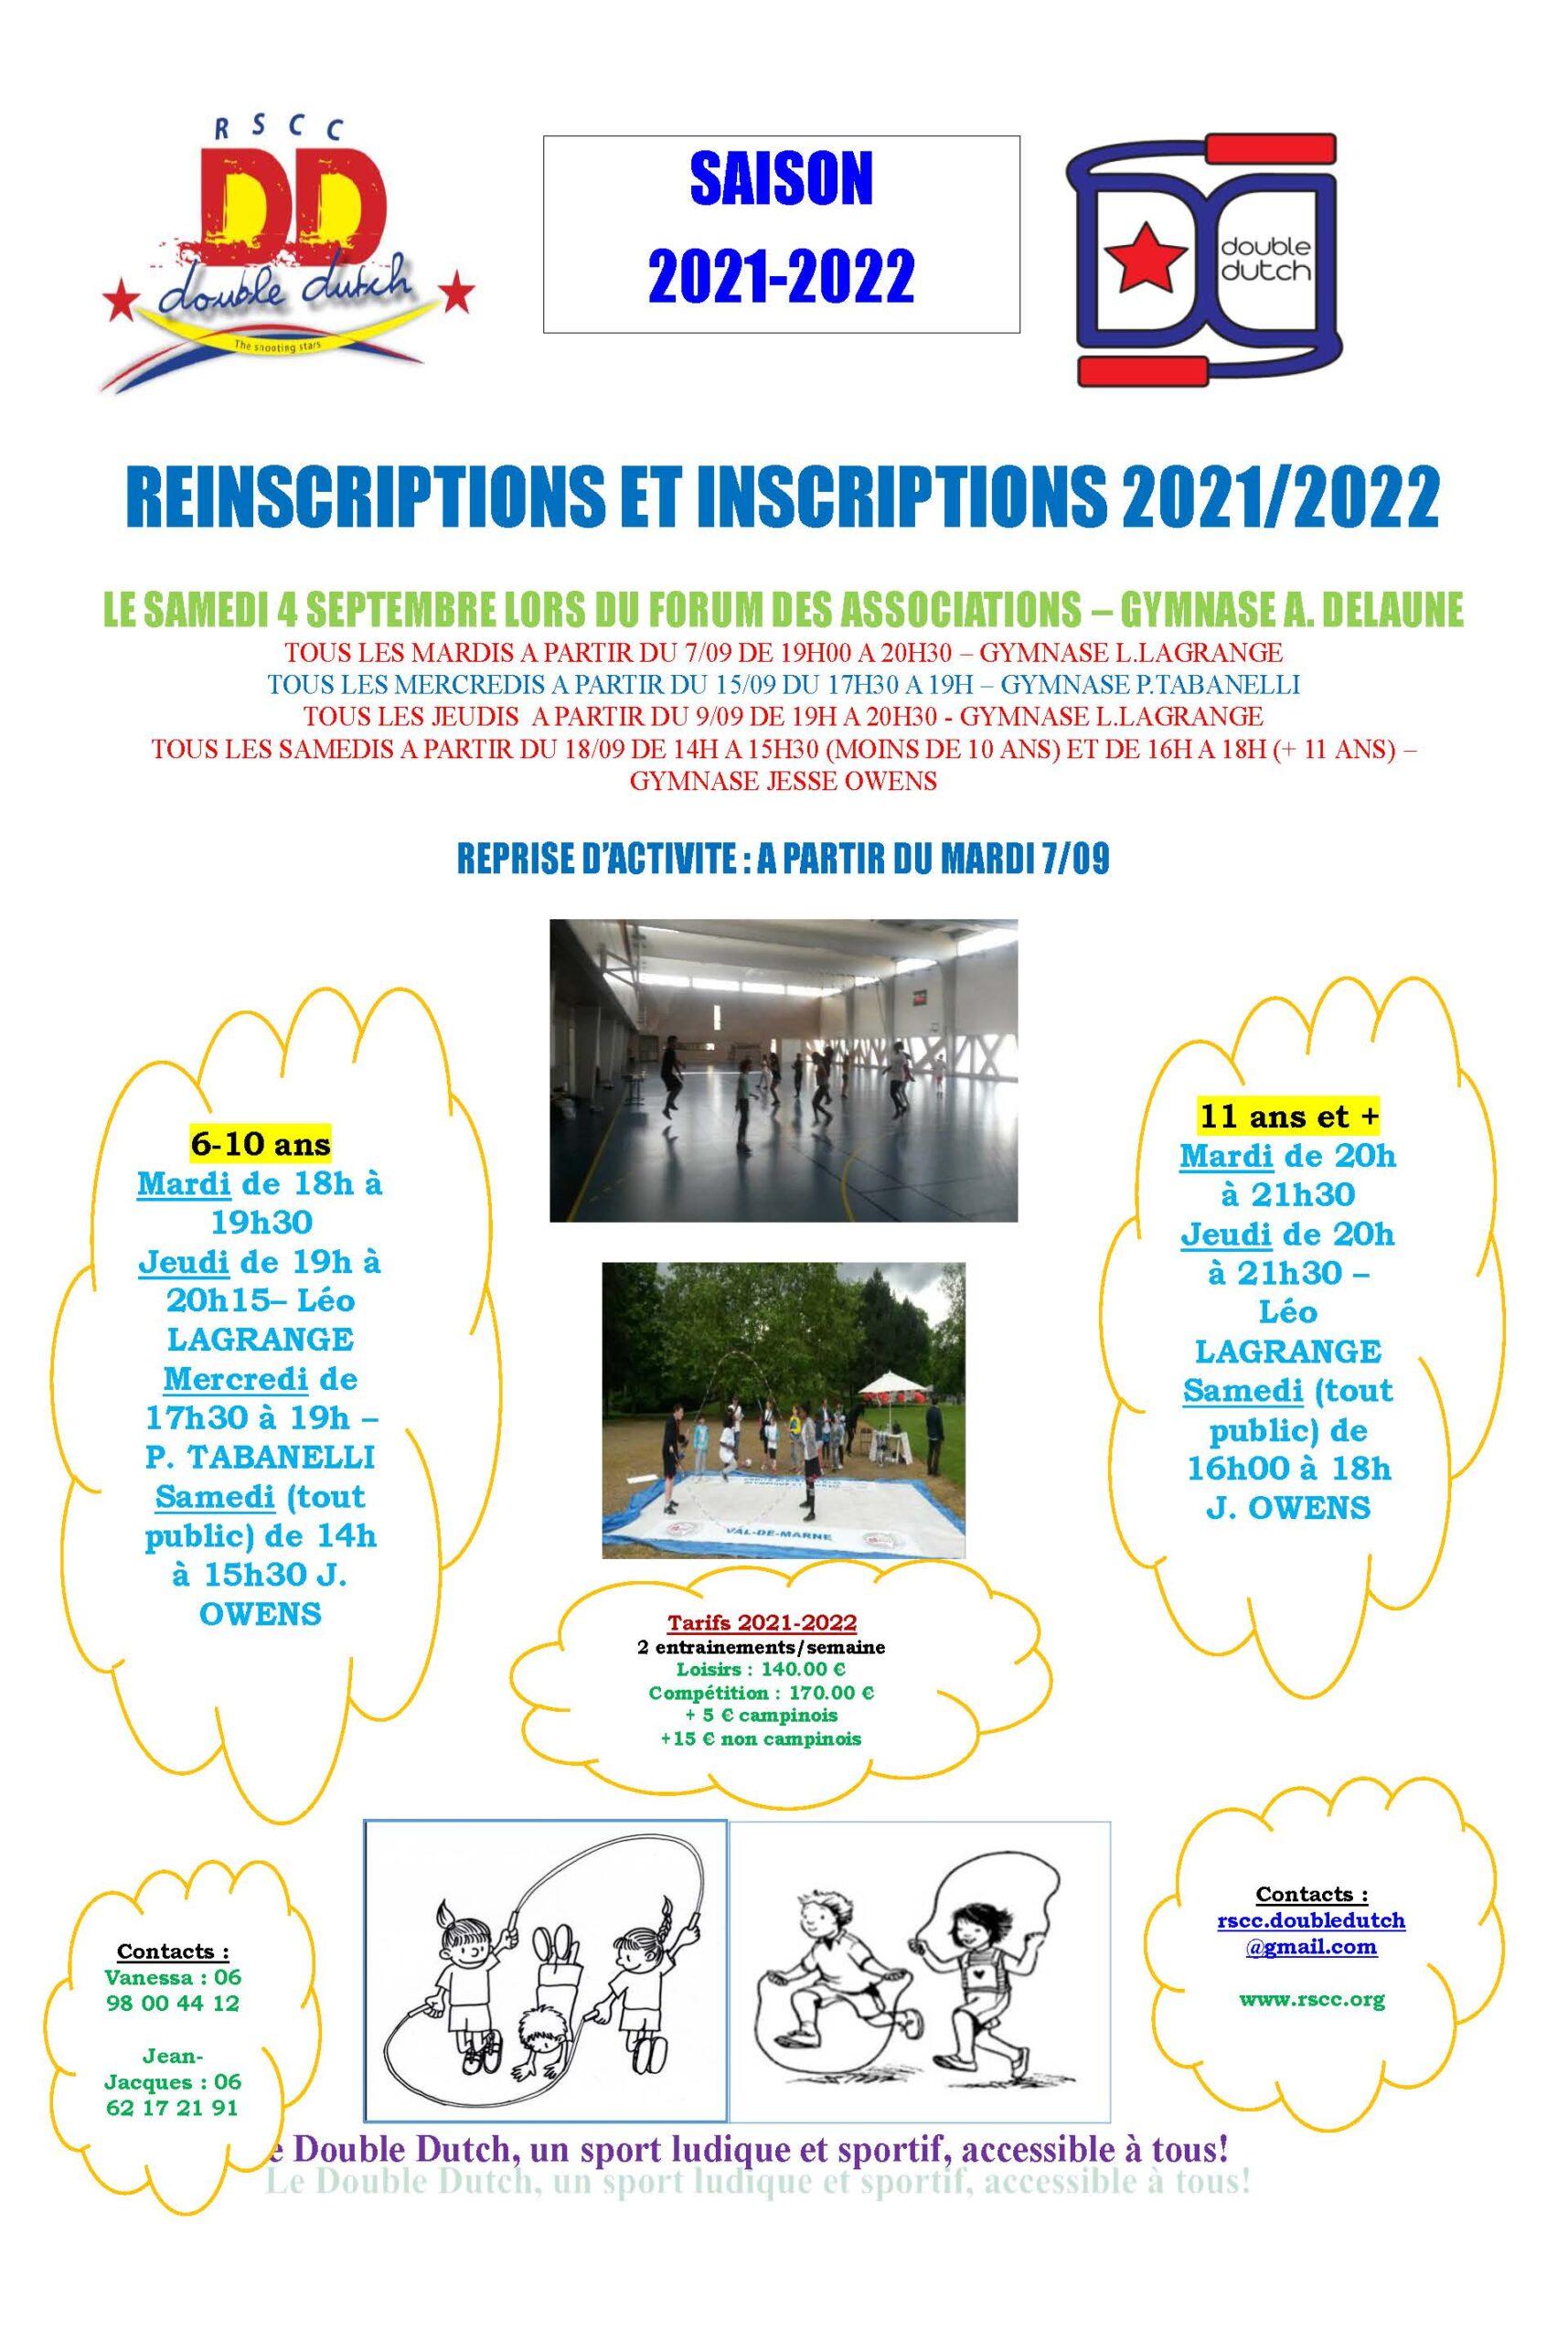 SAISON 2021 / 2022